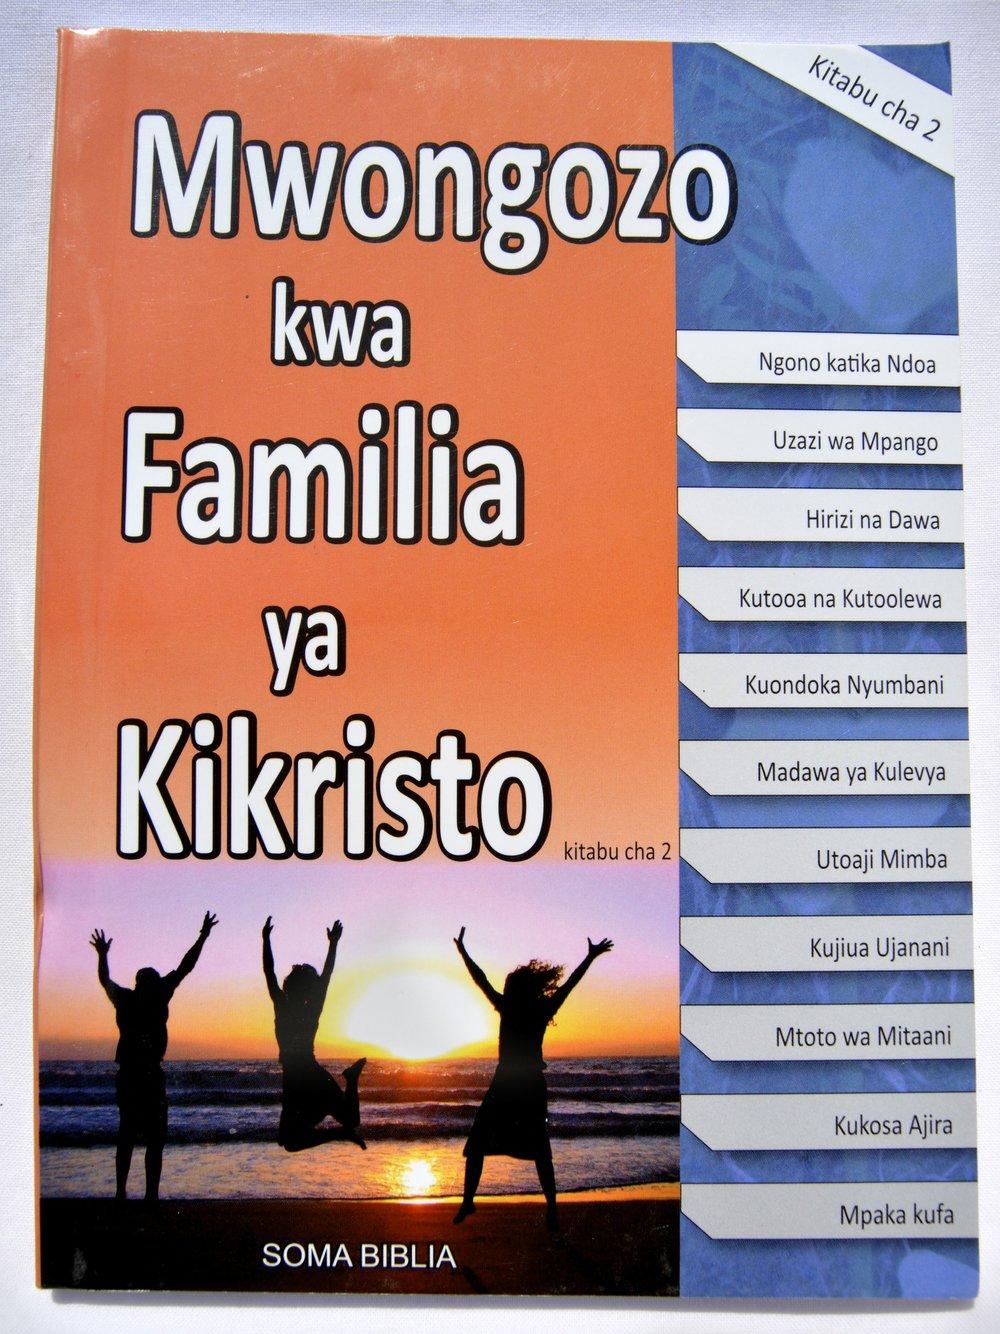 Mwongozo kwa Familia ya Kikristo_2.jpg